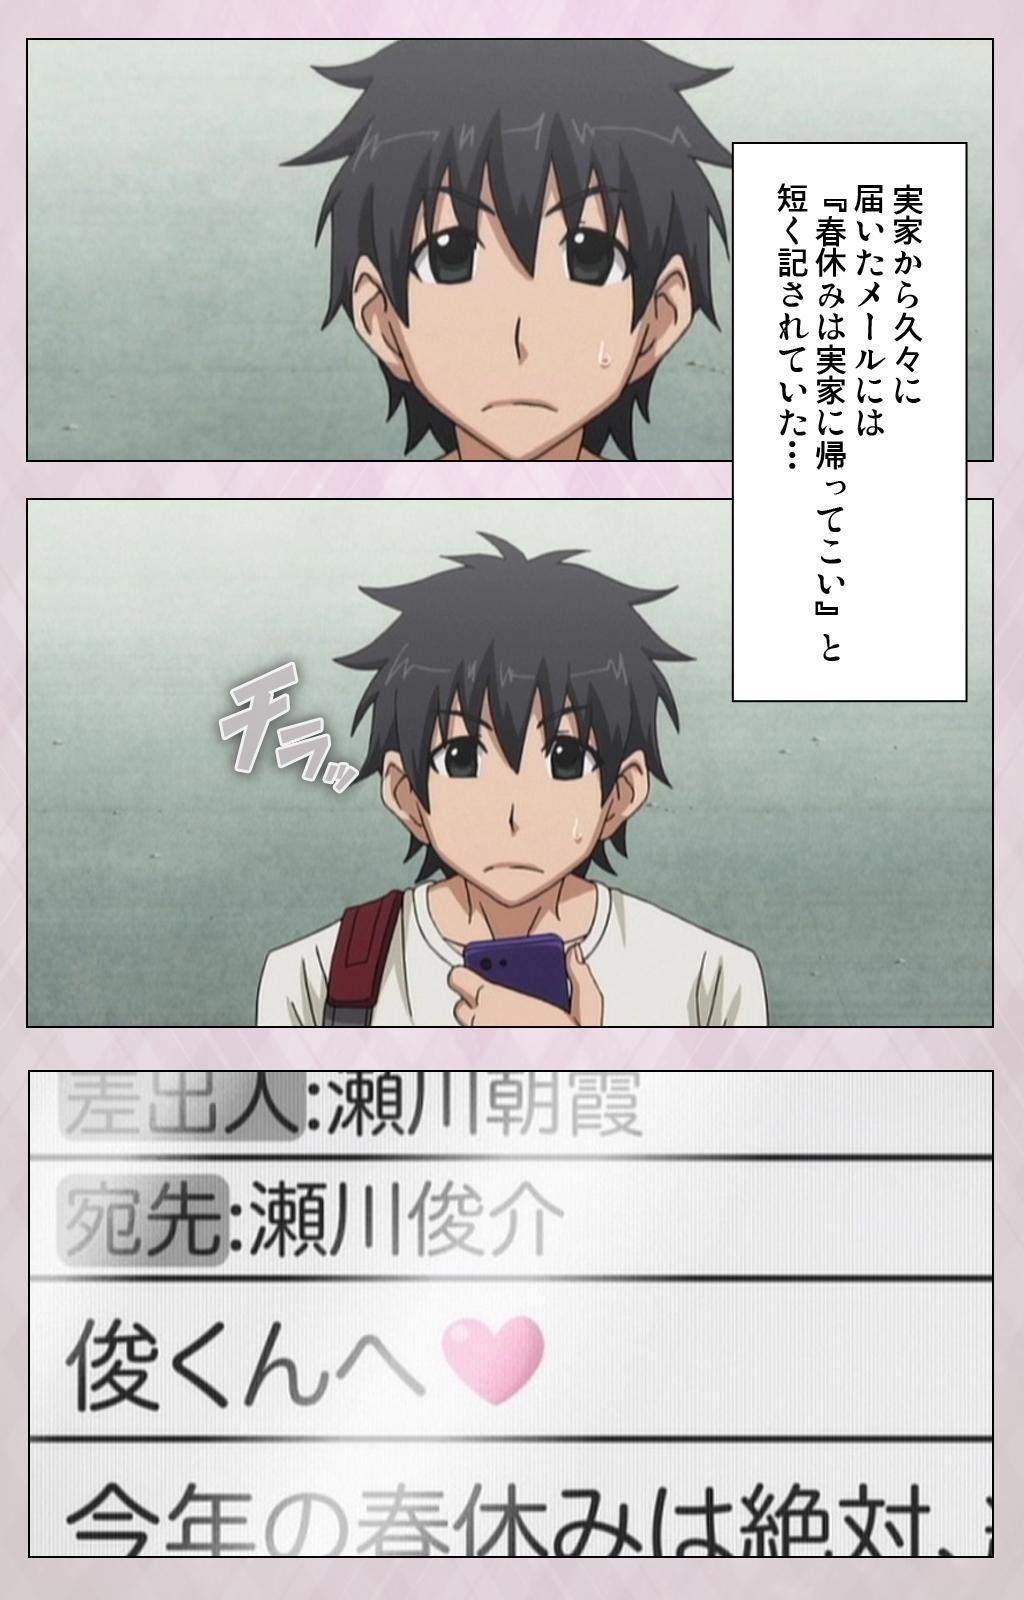 Dekakute Ecchi na Ore no Ane - Special Complete Han 3